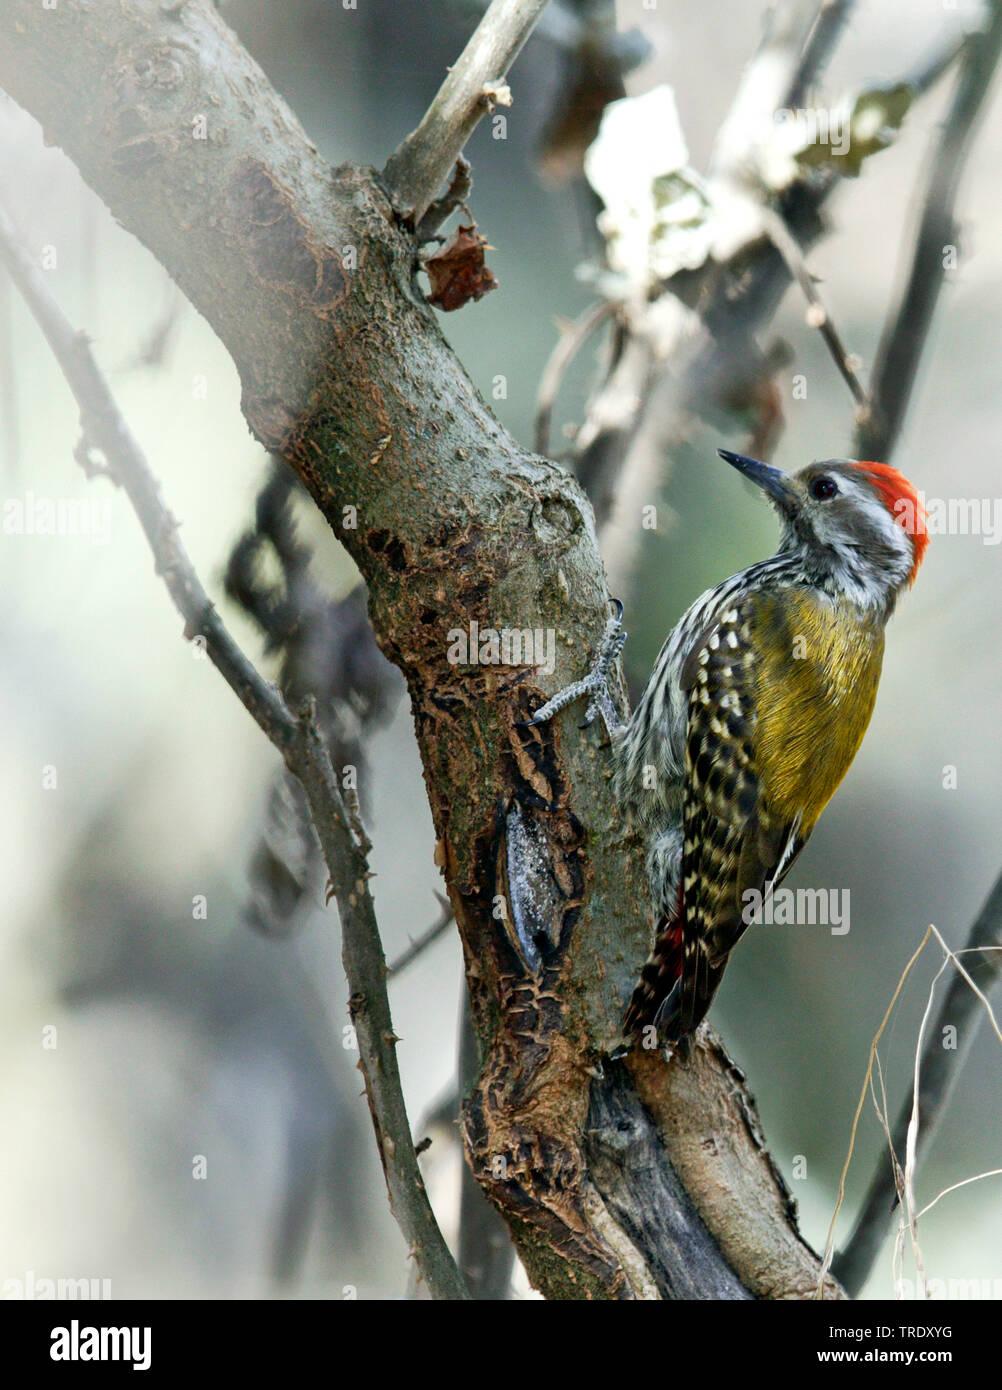 Wacholderspecht, Wacholder-Specht (Dendropicos abyssinicus), Maennchen sitzt auf einem Ast, Aethiopien   golden-mantled woodpecker (Dendropicos abyssi - Stock Image